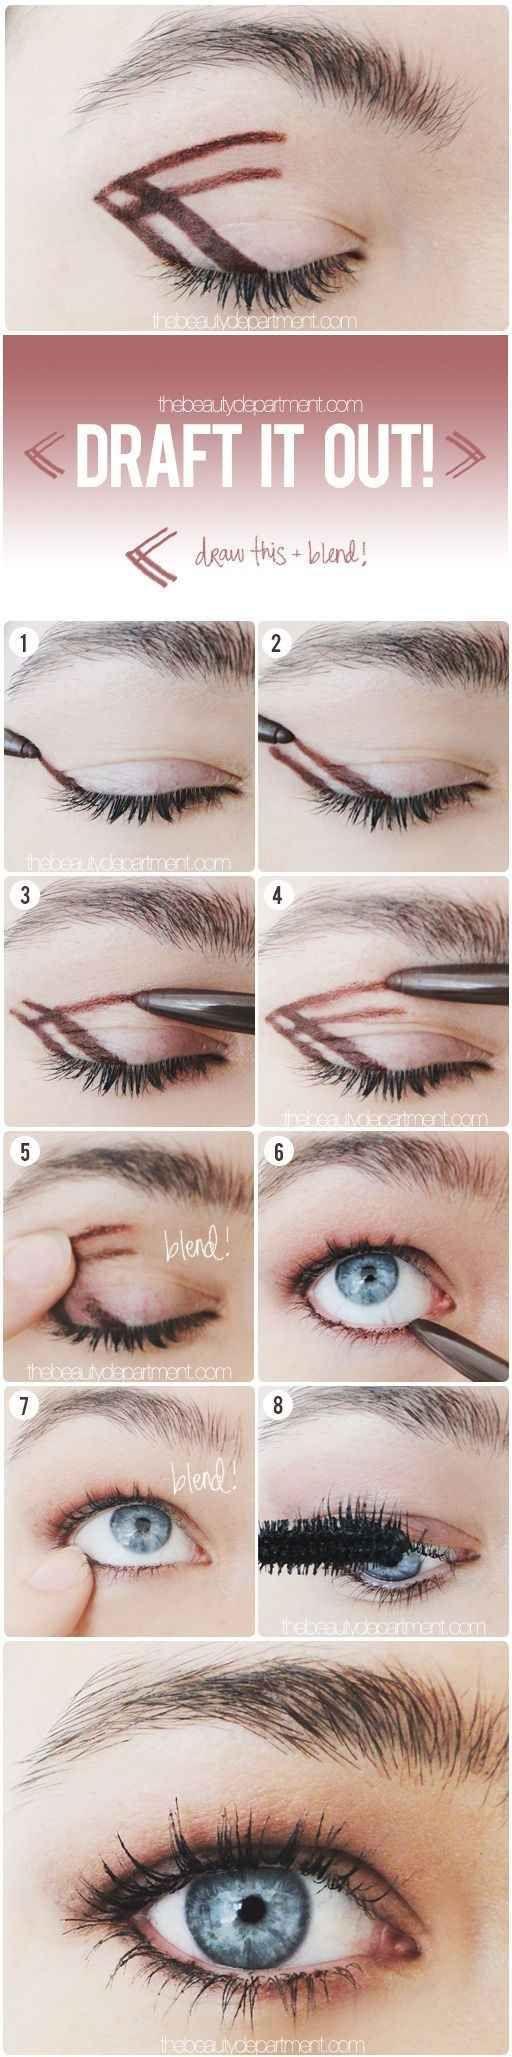 Assez 50 tutos maquillage naturels pour les pressées du matin! | Astuces  MV83